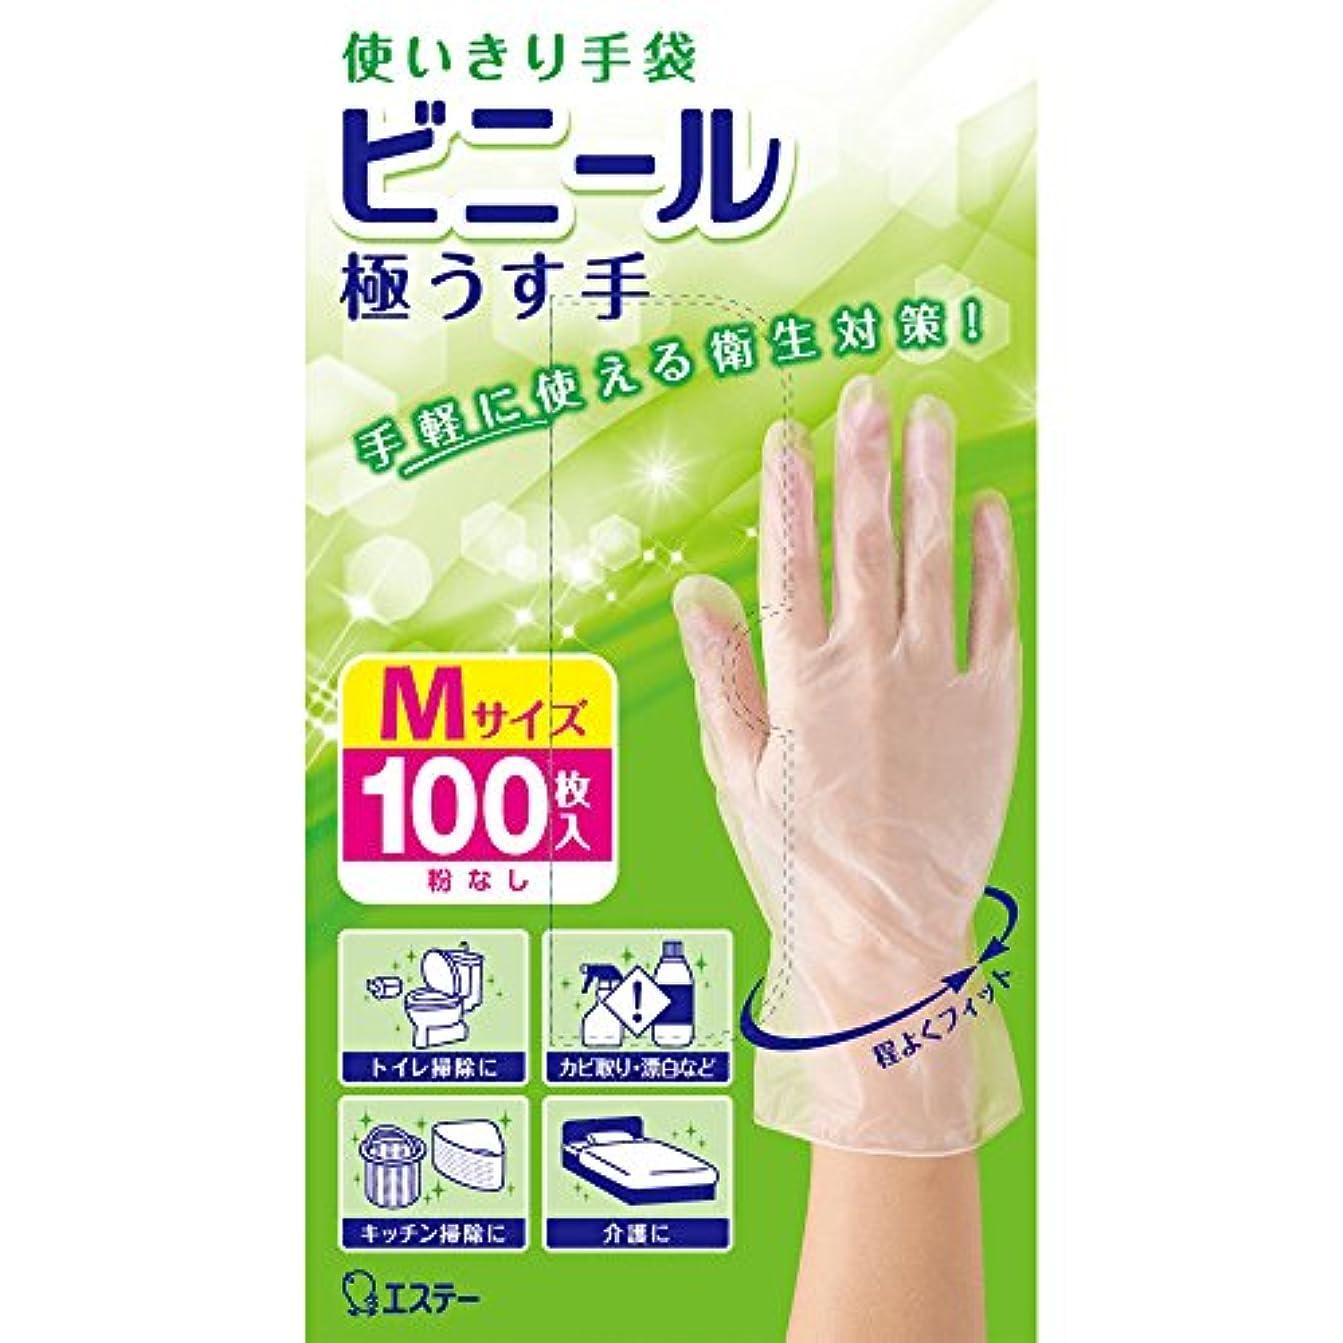 デュアルストレスマウンド使いきり手袋 ビニール 極うす手 炊事?掃除用 Mサイズ 半透明 100枚